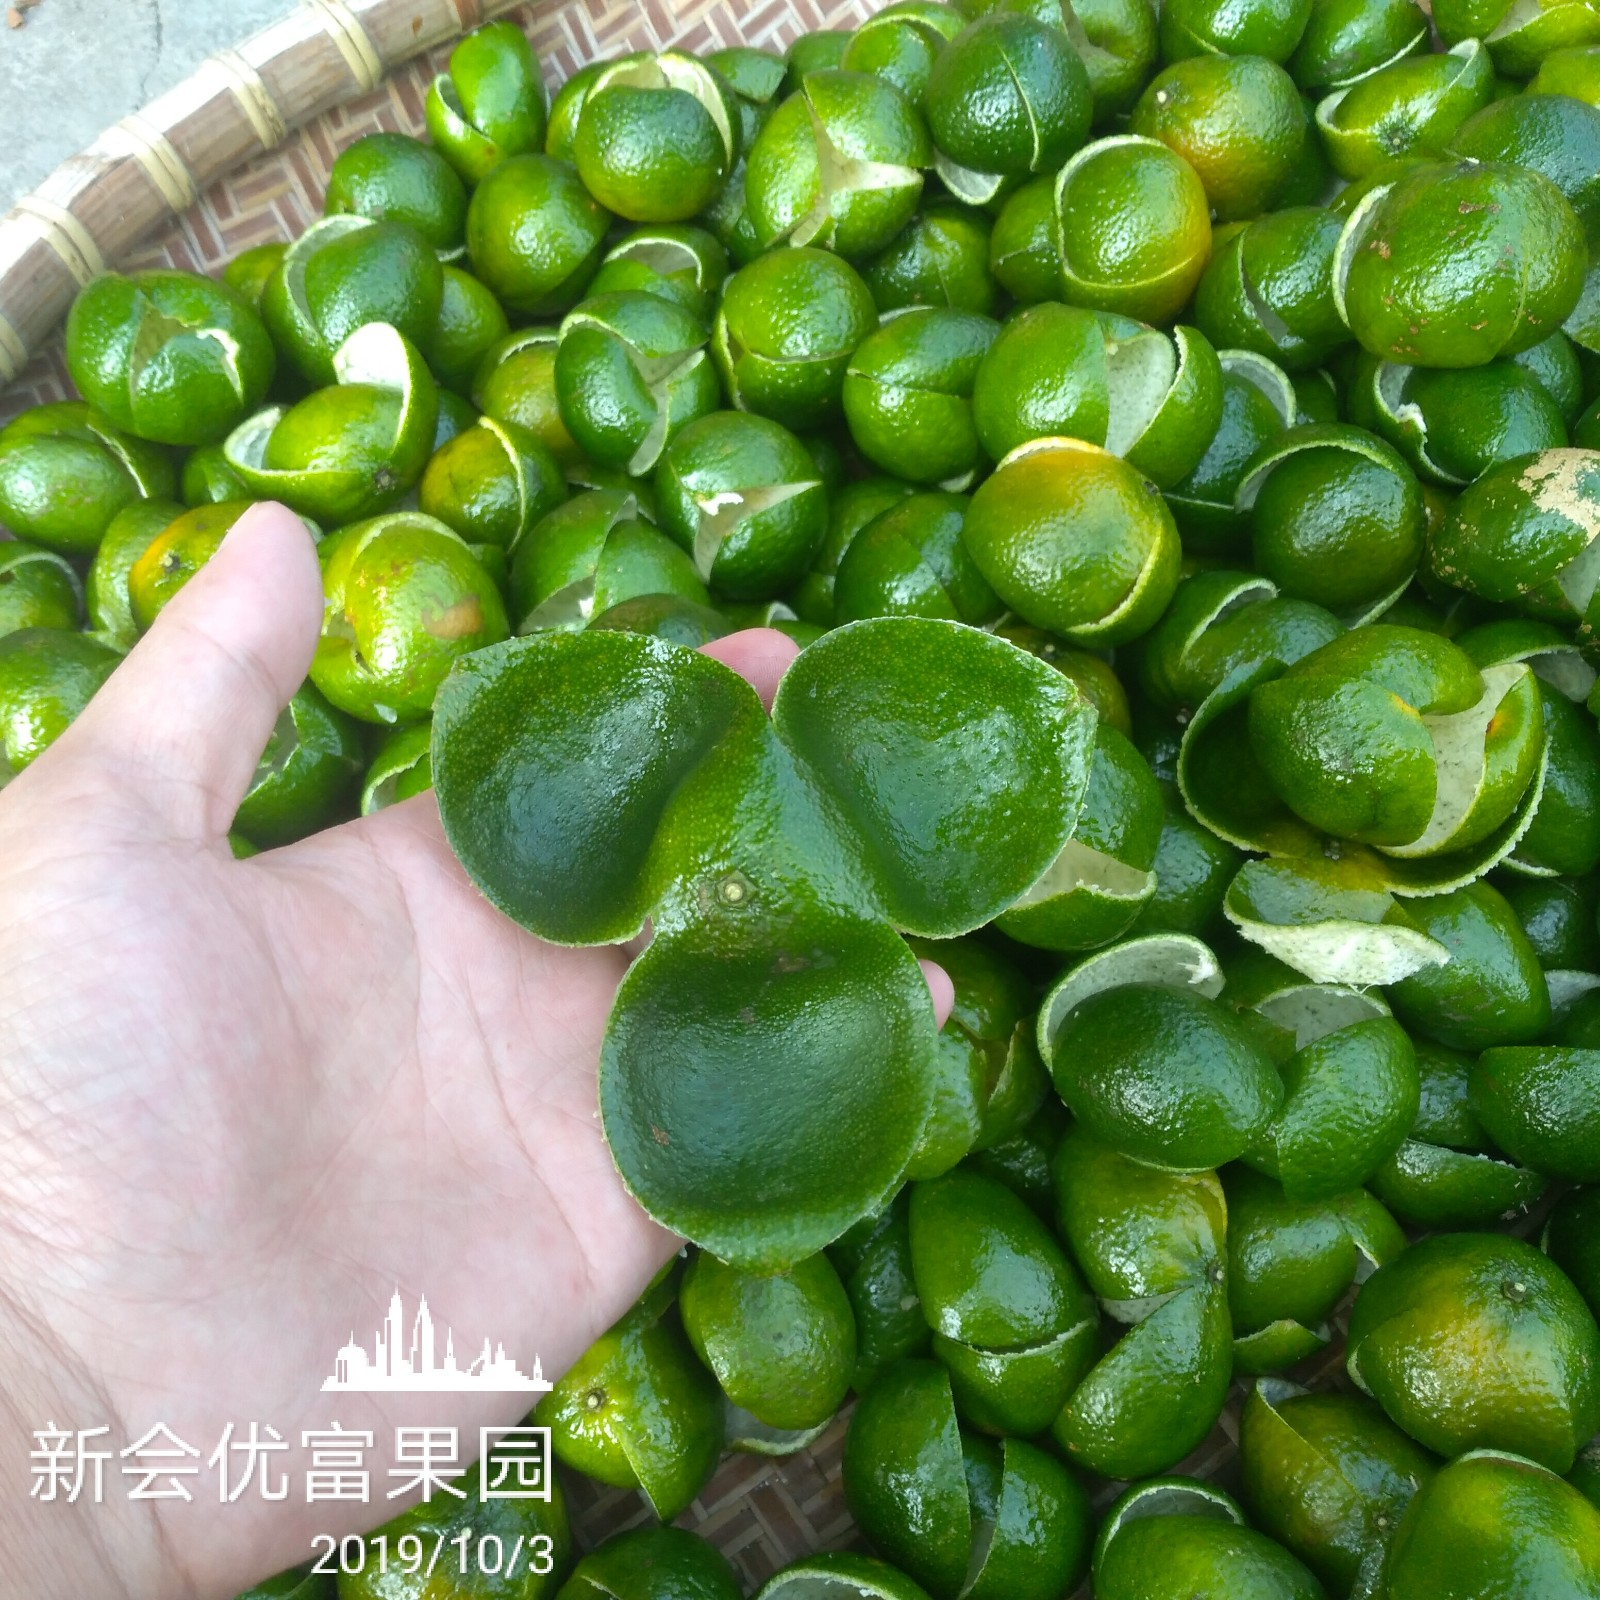 广东江门新会特产青柑鲜果皮老树果生晒纯青陈皮干小青柑老青皮干